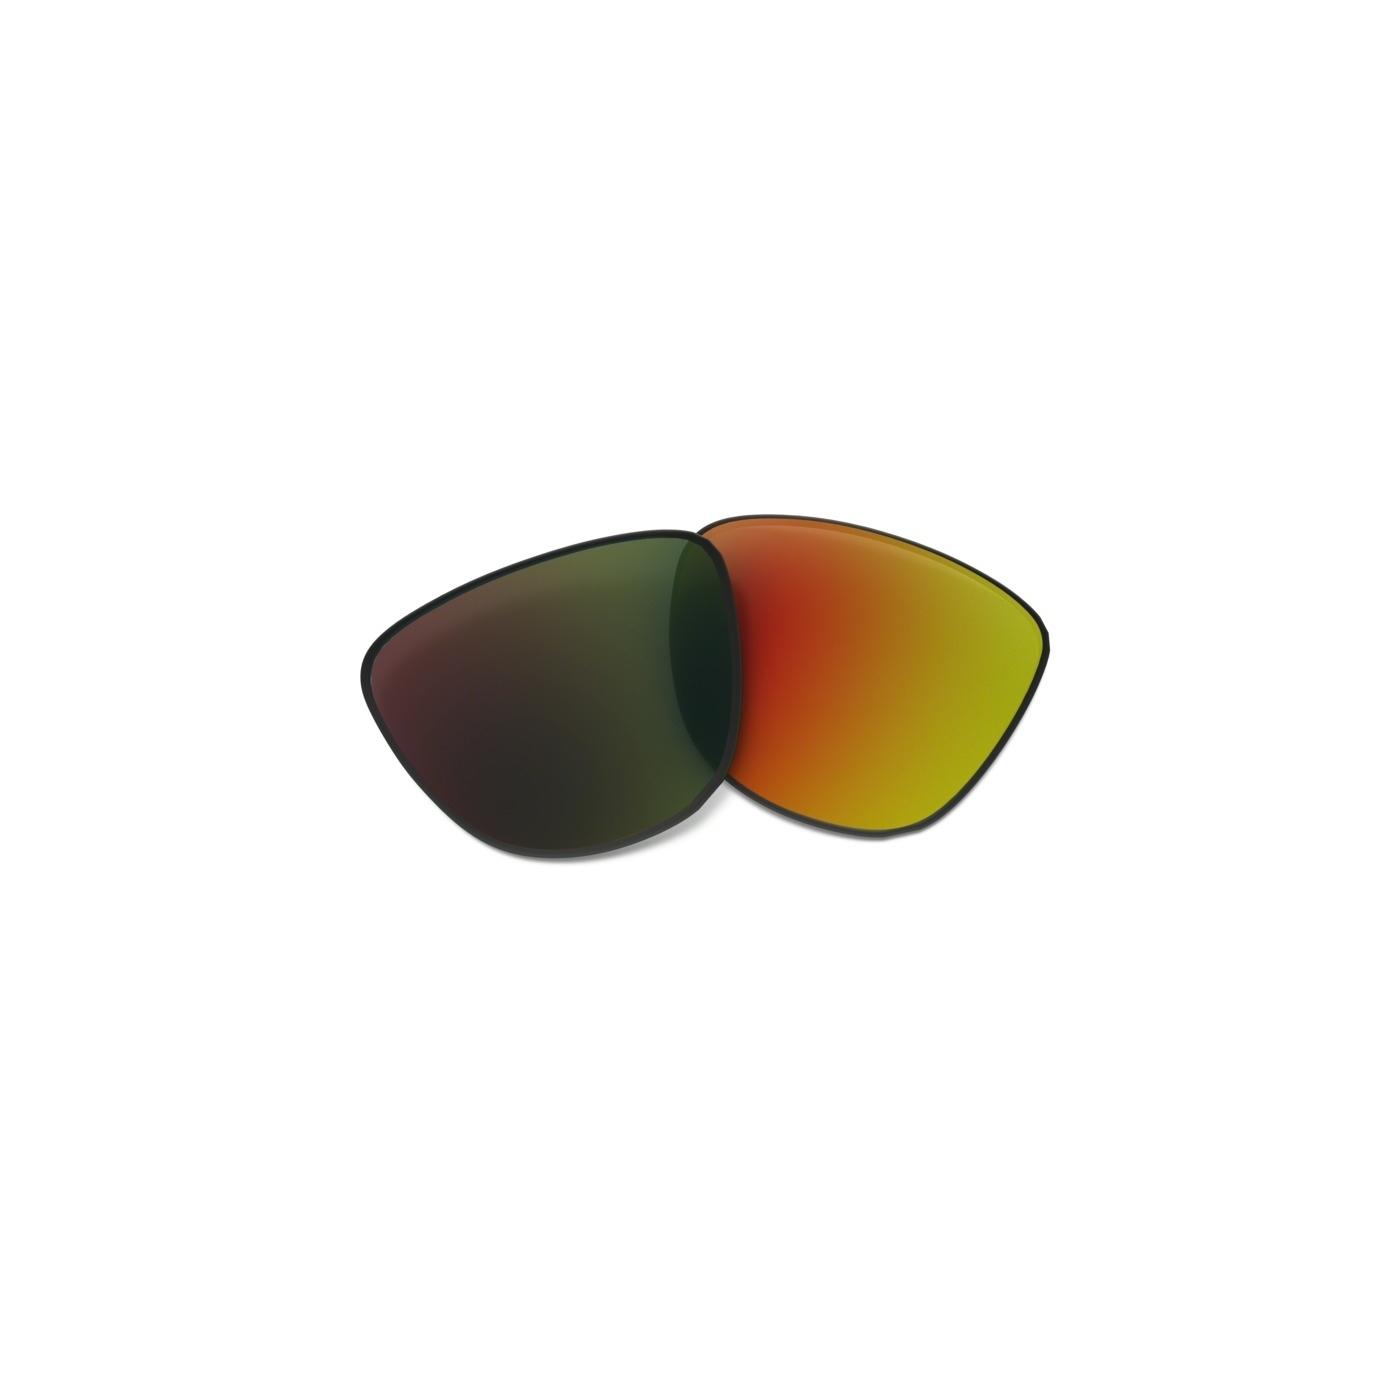 3b4c98c744f0a Verres Oakley Frogskins Repl Lens Ruby Iridium